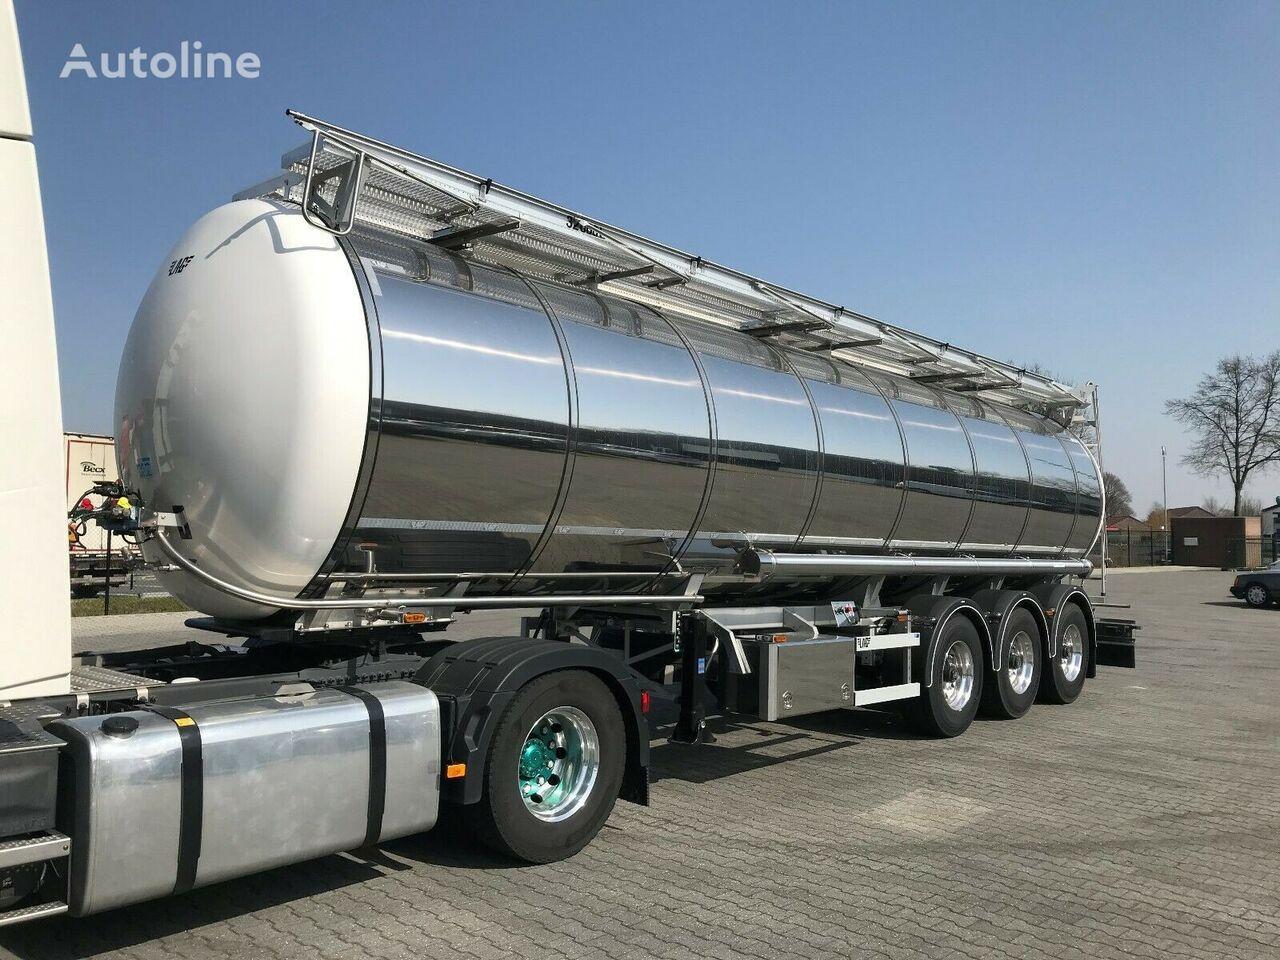 LAG DRUCKTANK-1 KAMMER- 32.000 liter food tank trailer